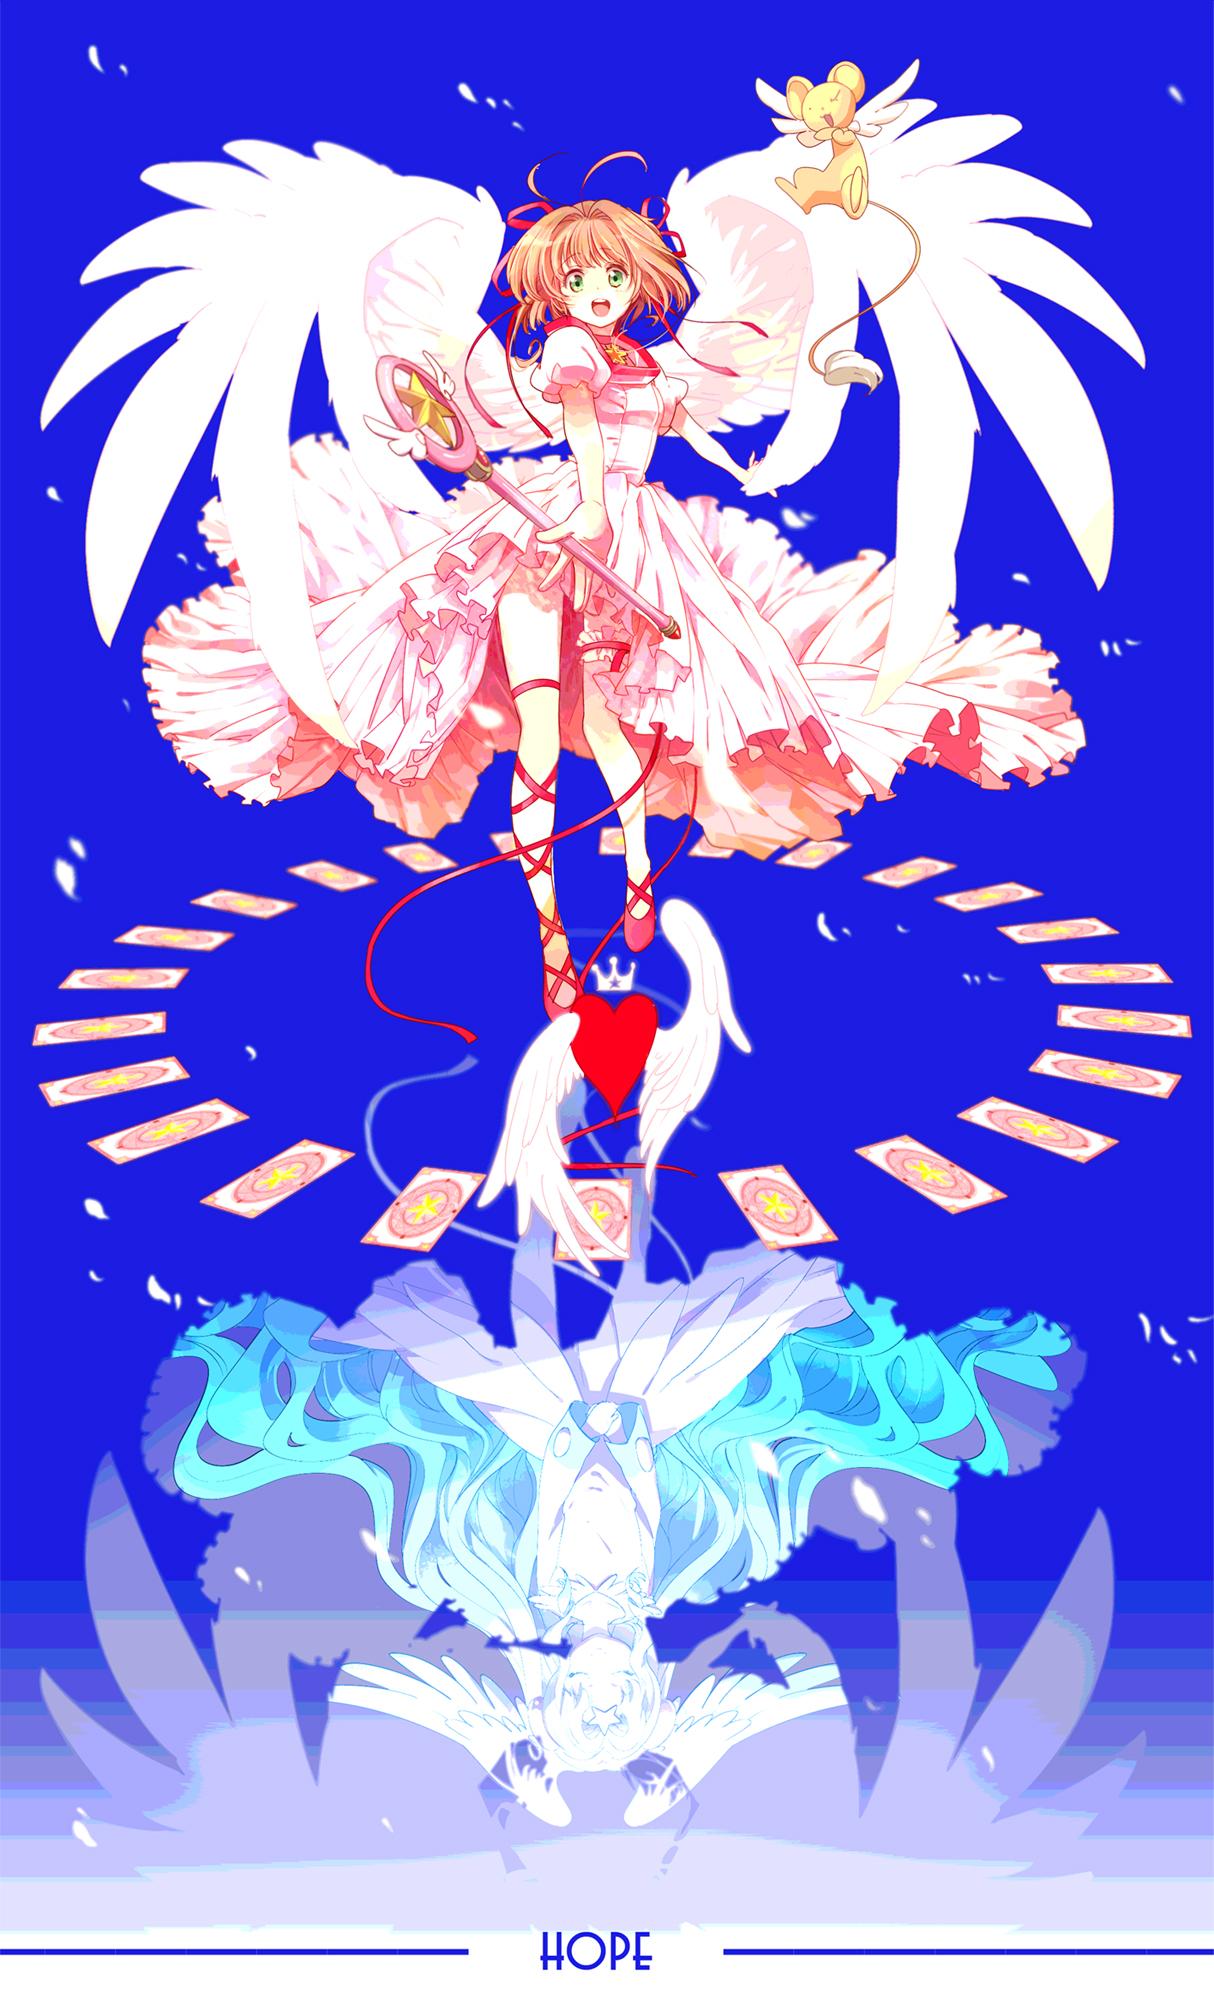 Cardcaptor Sakura - Zerochan Anime Image Board